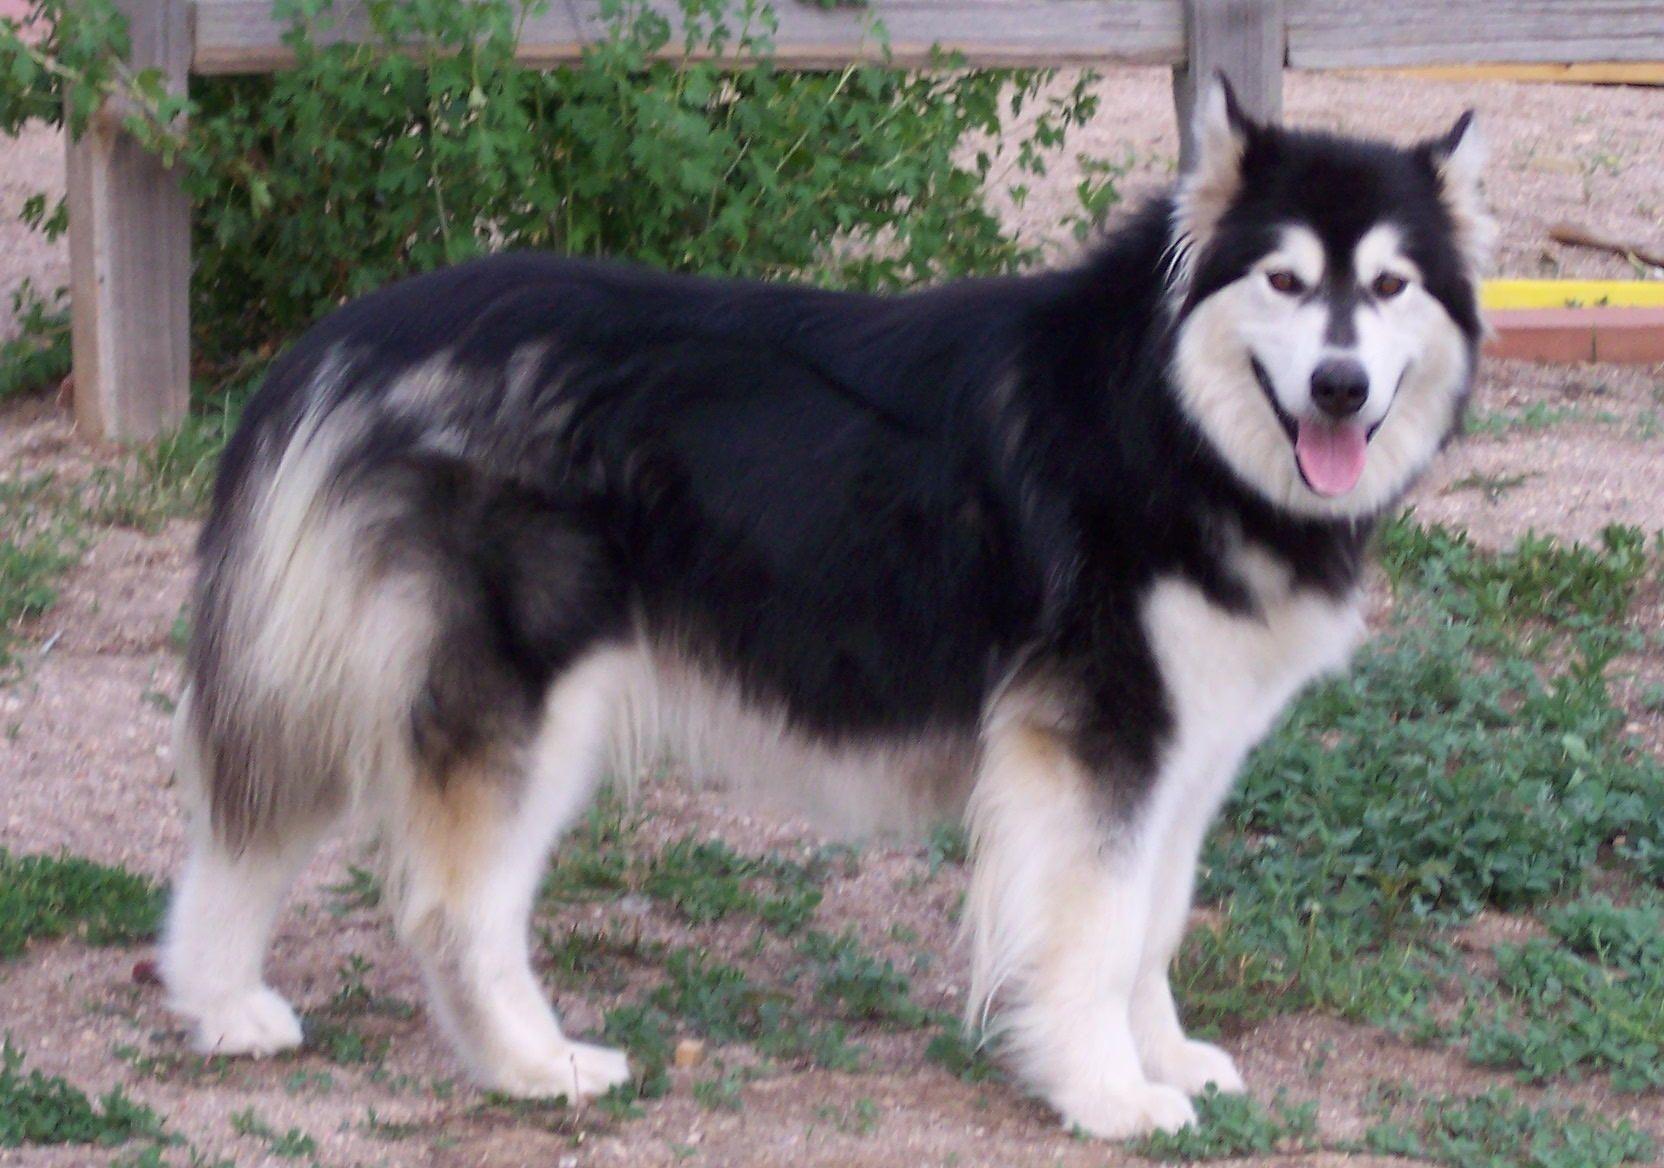 Mythic Alaskan Malamutes, Colorado breeder of exceptional